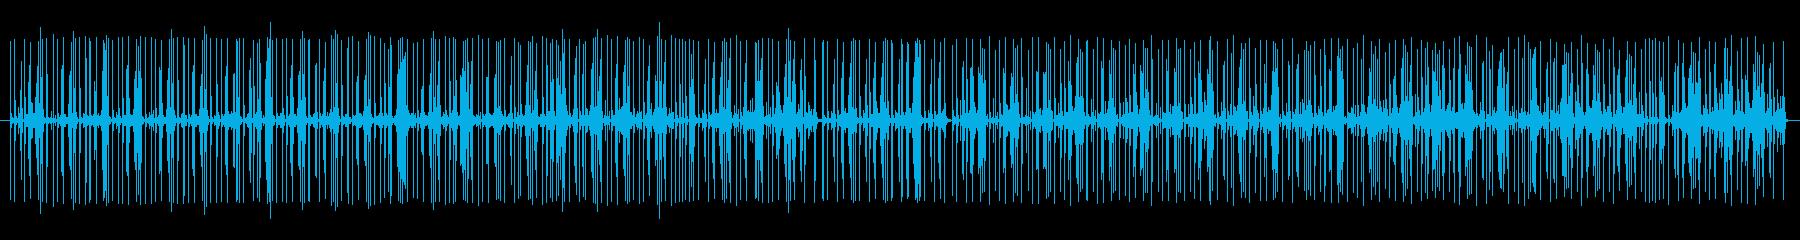 グルーブ16ビートpurdie風ドラム2の再生済みの波形